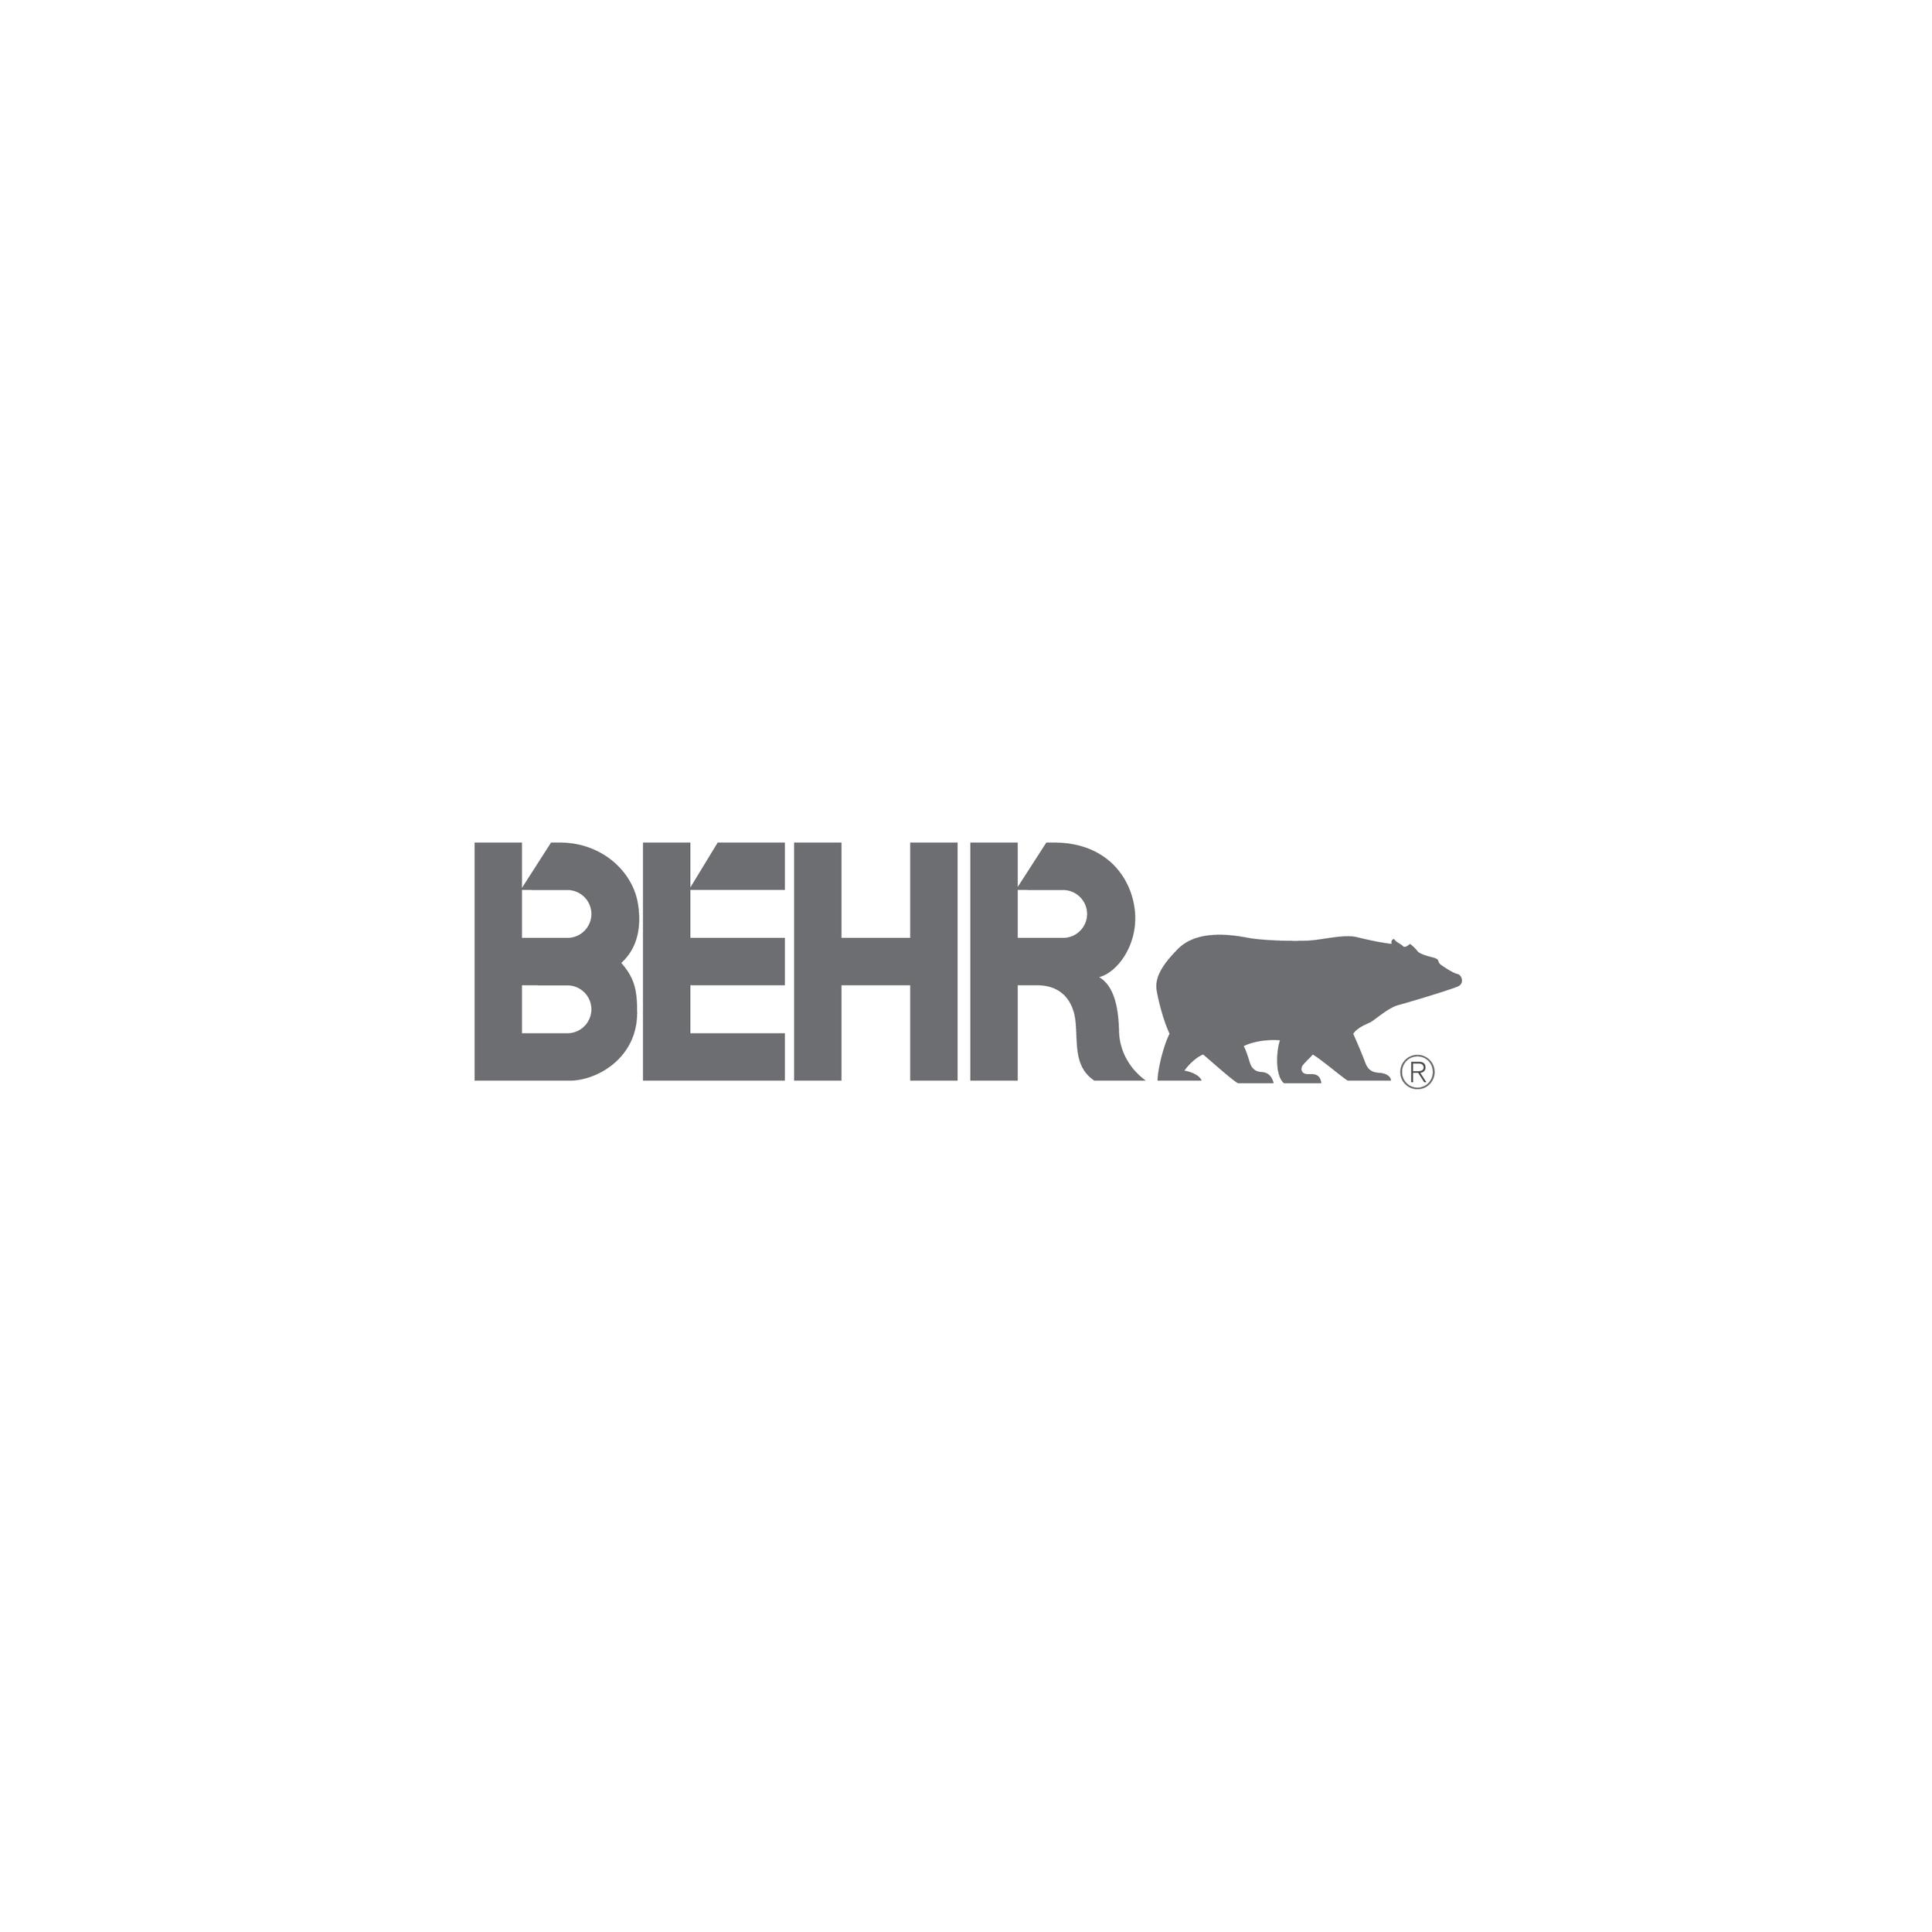 Logo-04-Behr.jpg